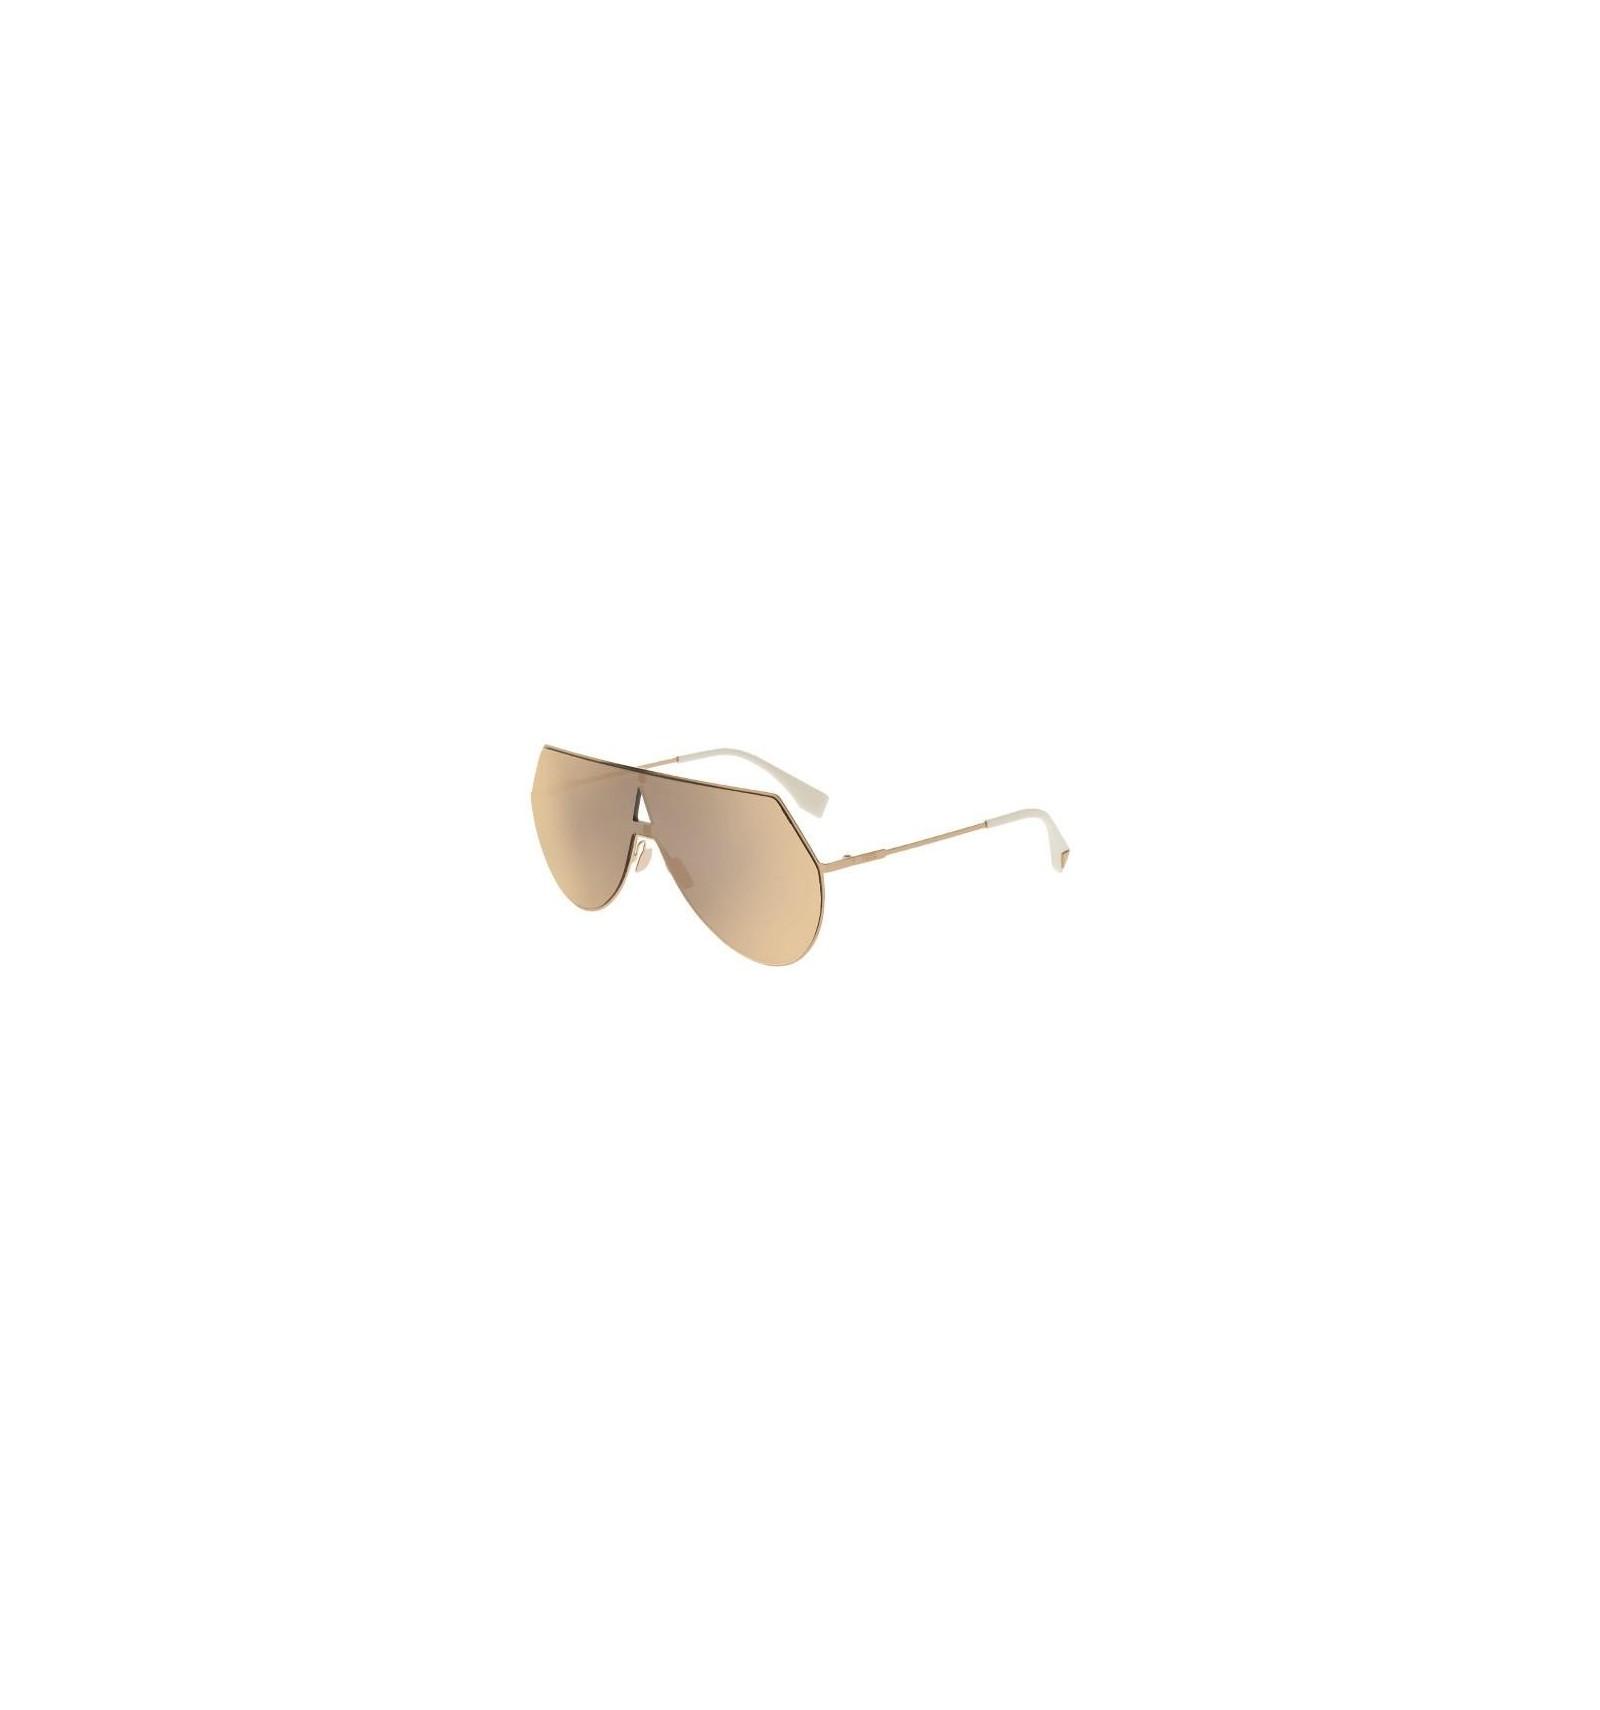 59d8143469 Gafas de sol Fendi Eyeline Rose Gold - Rose Gold Mirror. Compra Online